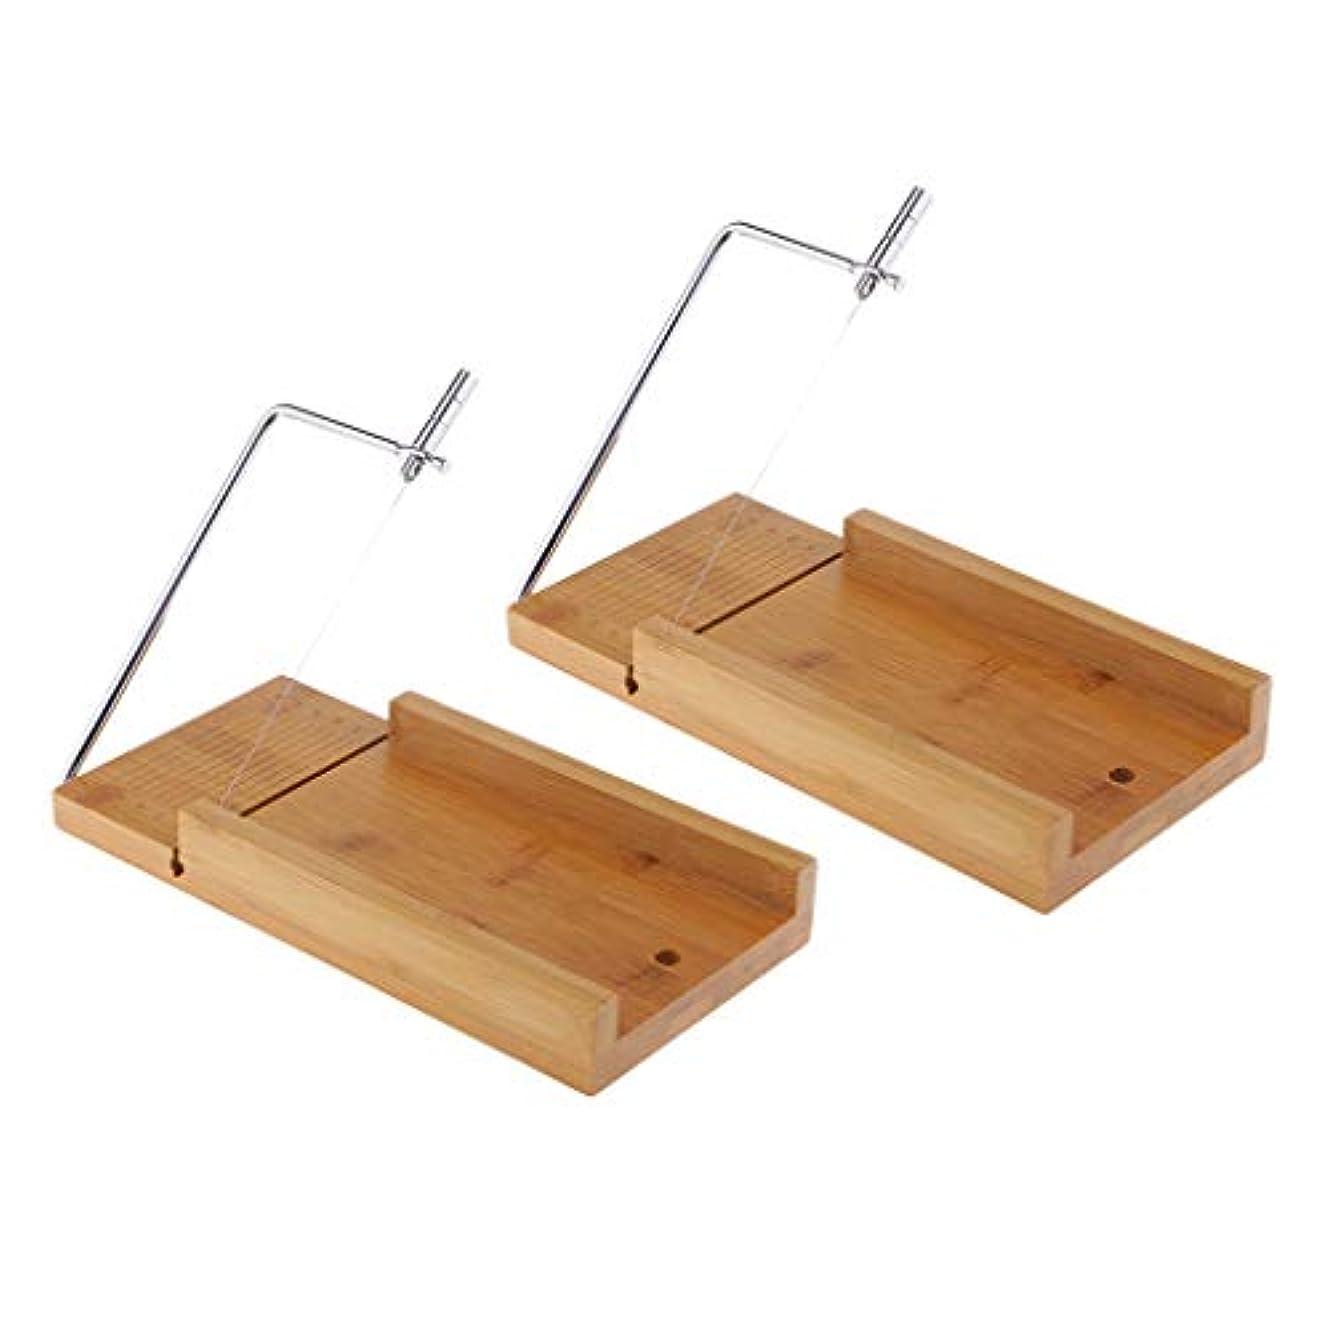 許可する寄り添うドラマソープカッター チーズナイフ ワイヤー せっけんカッター 台 木質 石鹸切削工具 2個入り